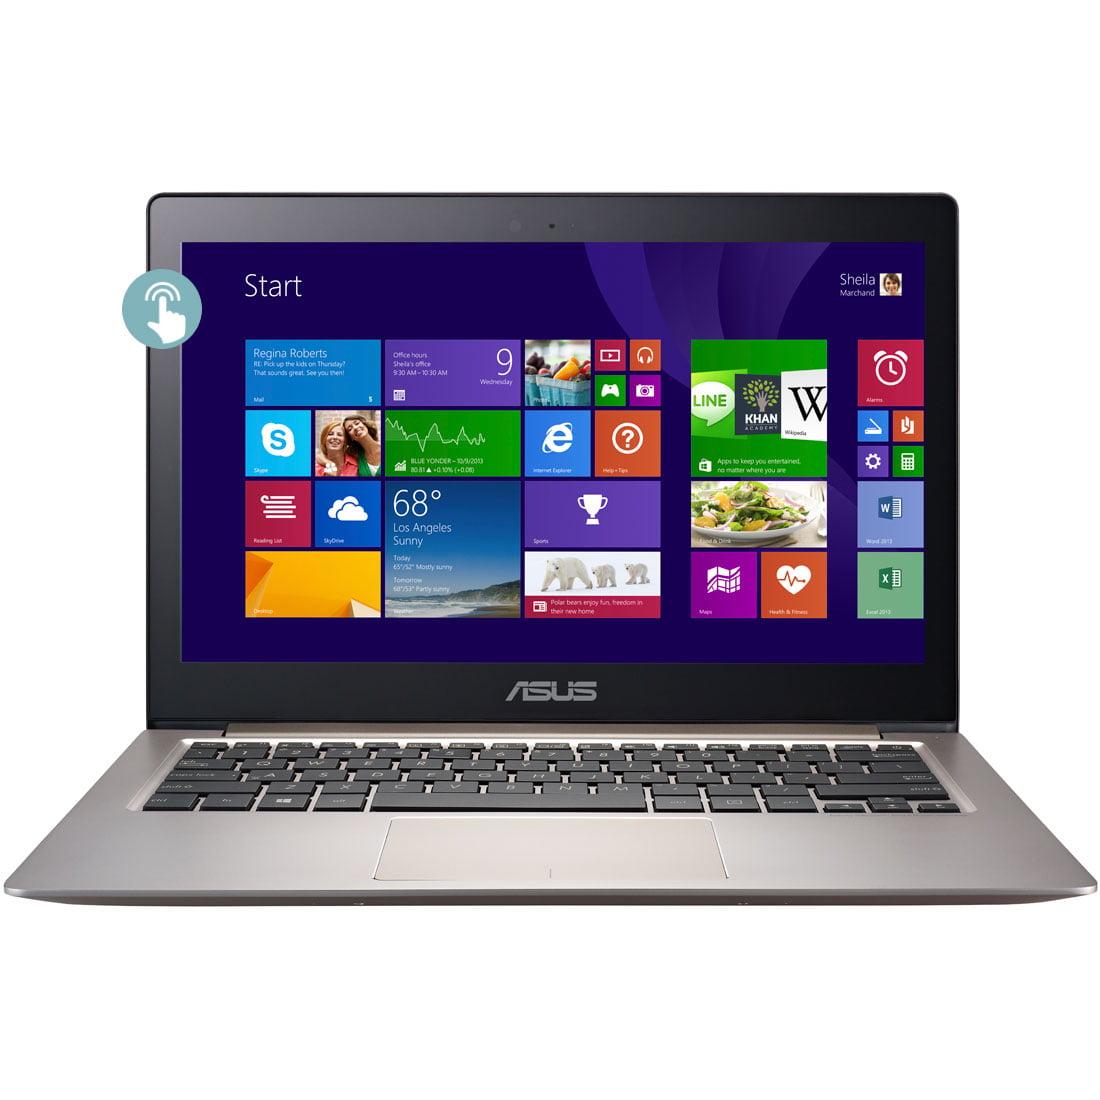 Refurbished Asus 90NB04Y2-M06360 Ultrabook by ASUS